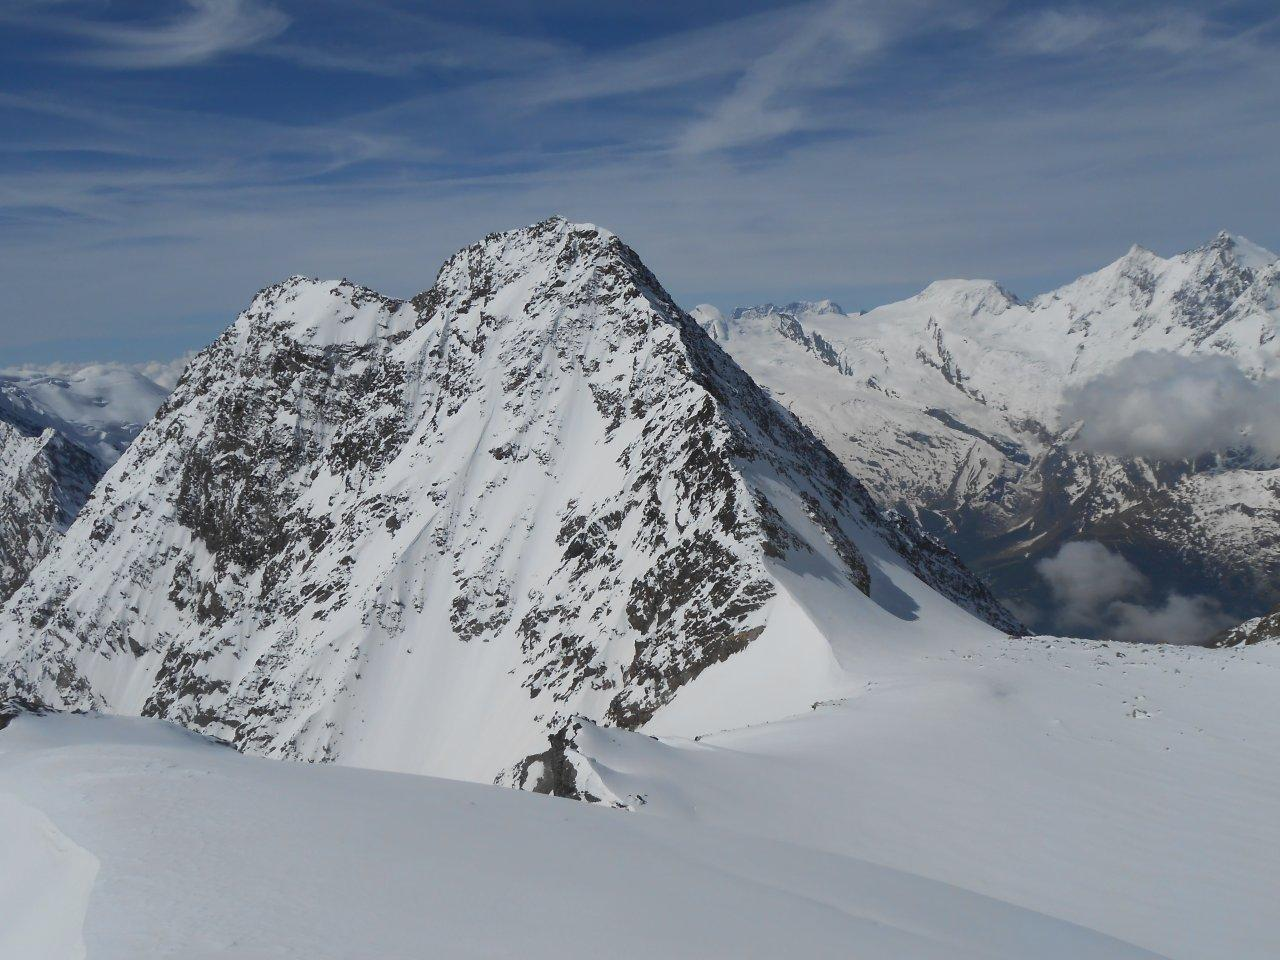 fuori anche oggi...sullo sfondo il bel versante NE del Lagginhorn